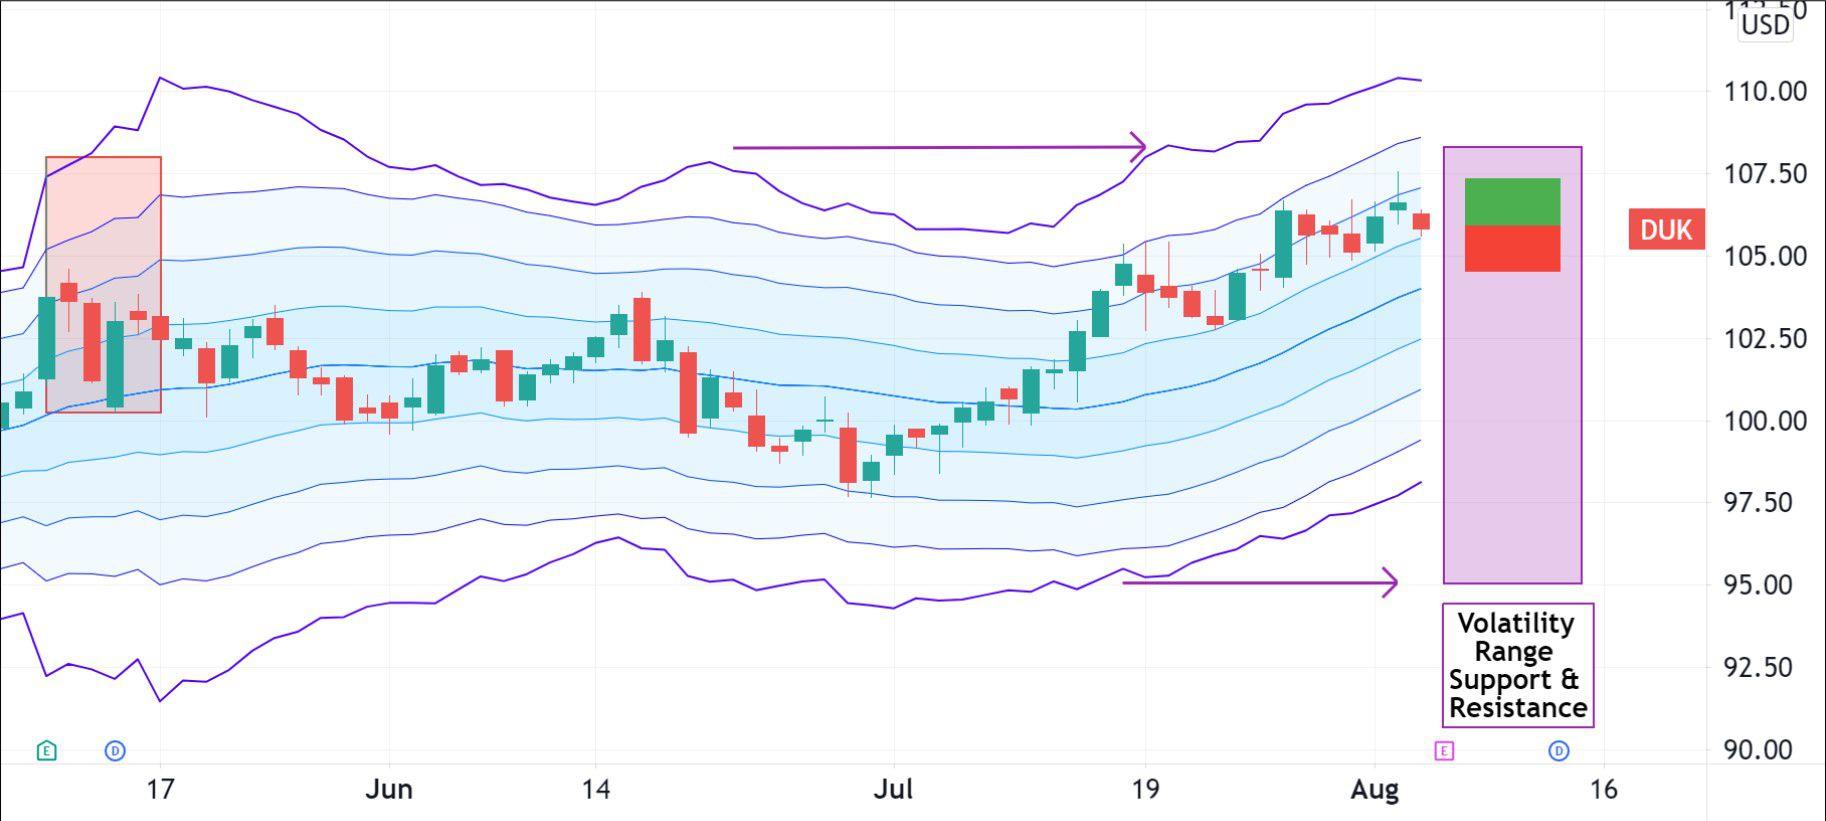 Volatility pattern for Duke Energy Corporation (DUK)